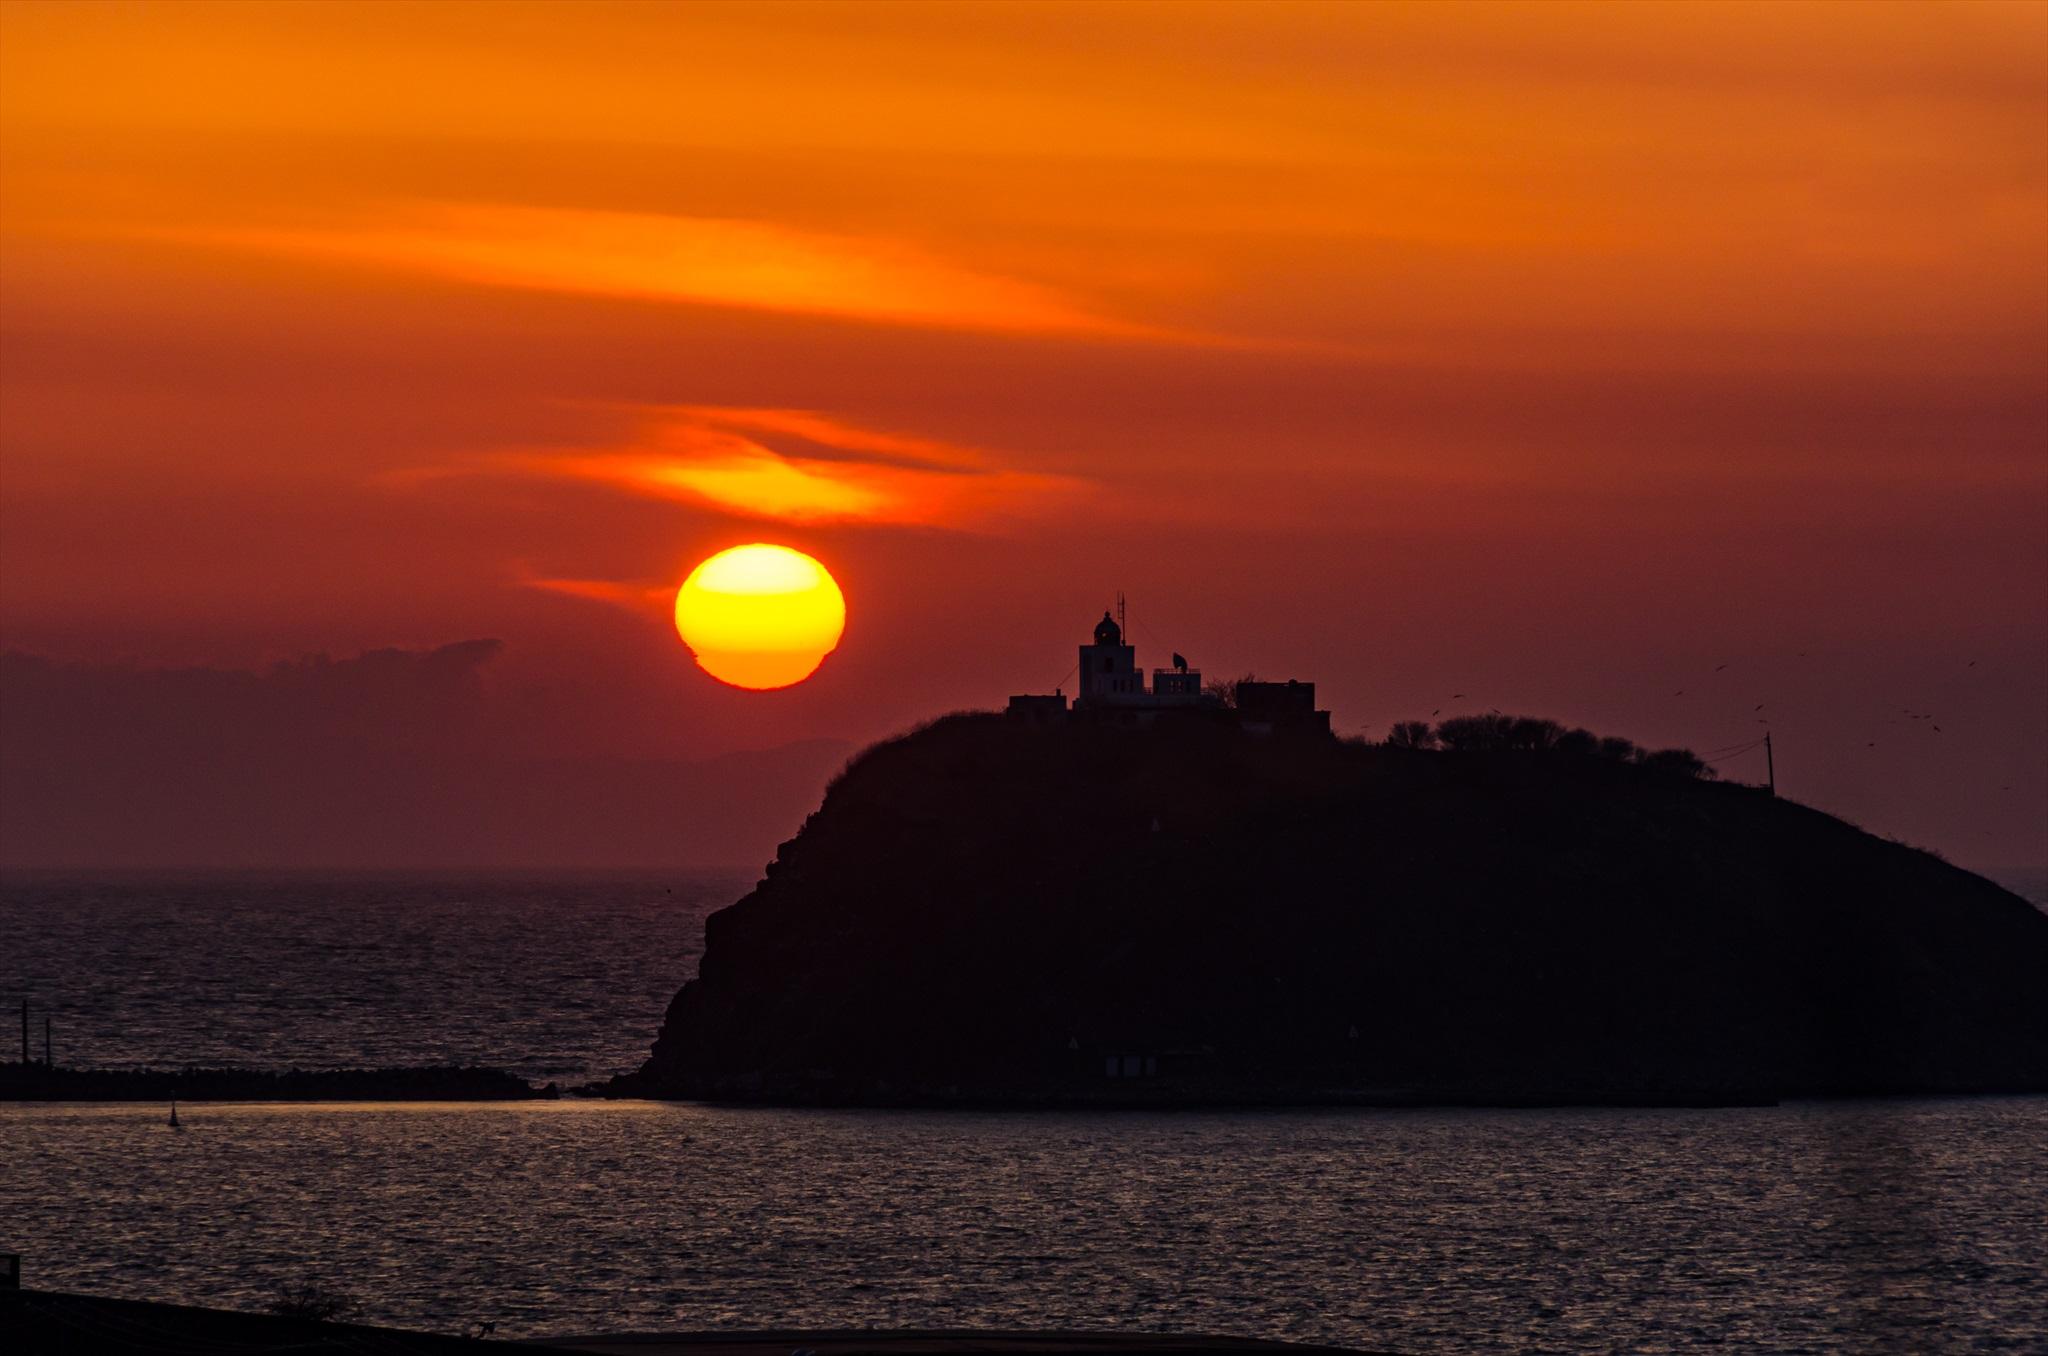 大黒島と夕陽_e0373339_5372838.jpg